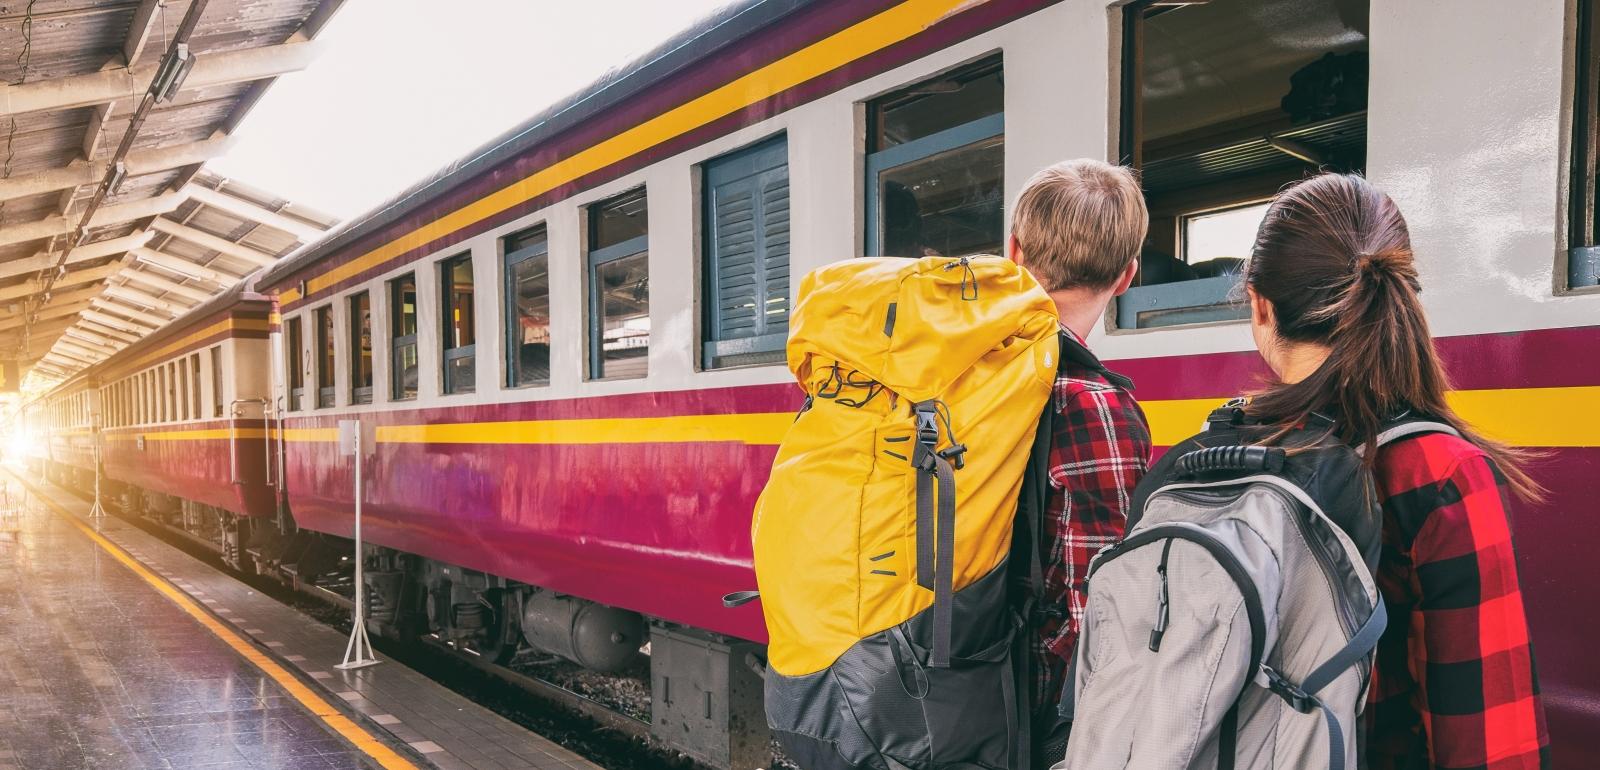 台湾における旅行及び関連ビジネスの発展動向について